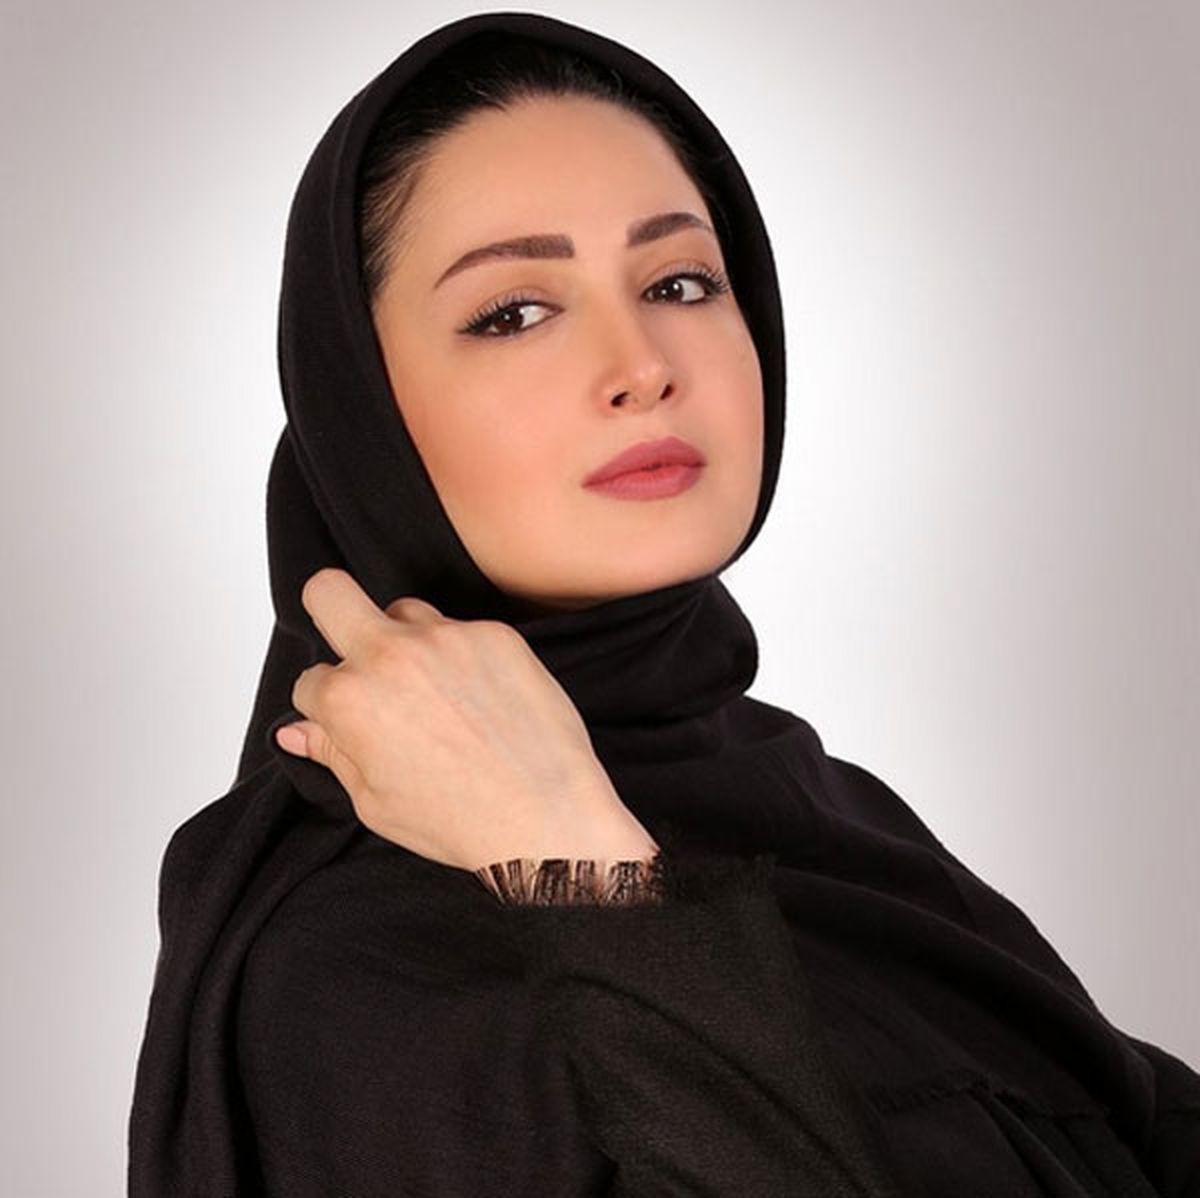 سوال نامتعارف مجری از شیلا خداداد | خانم بازیگر هنگ کرد!